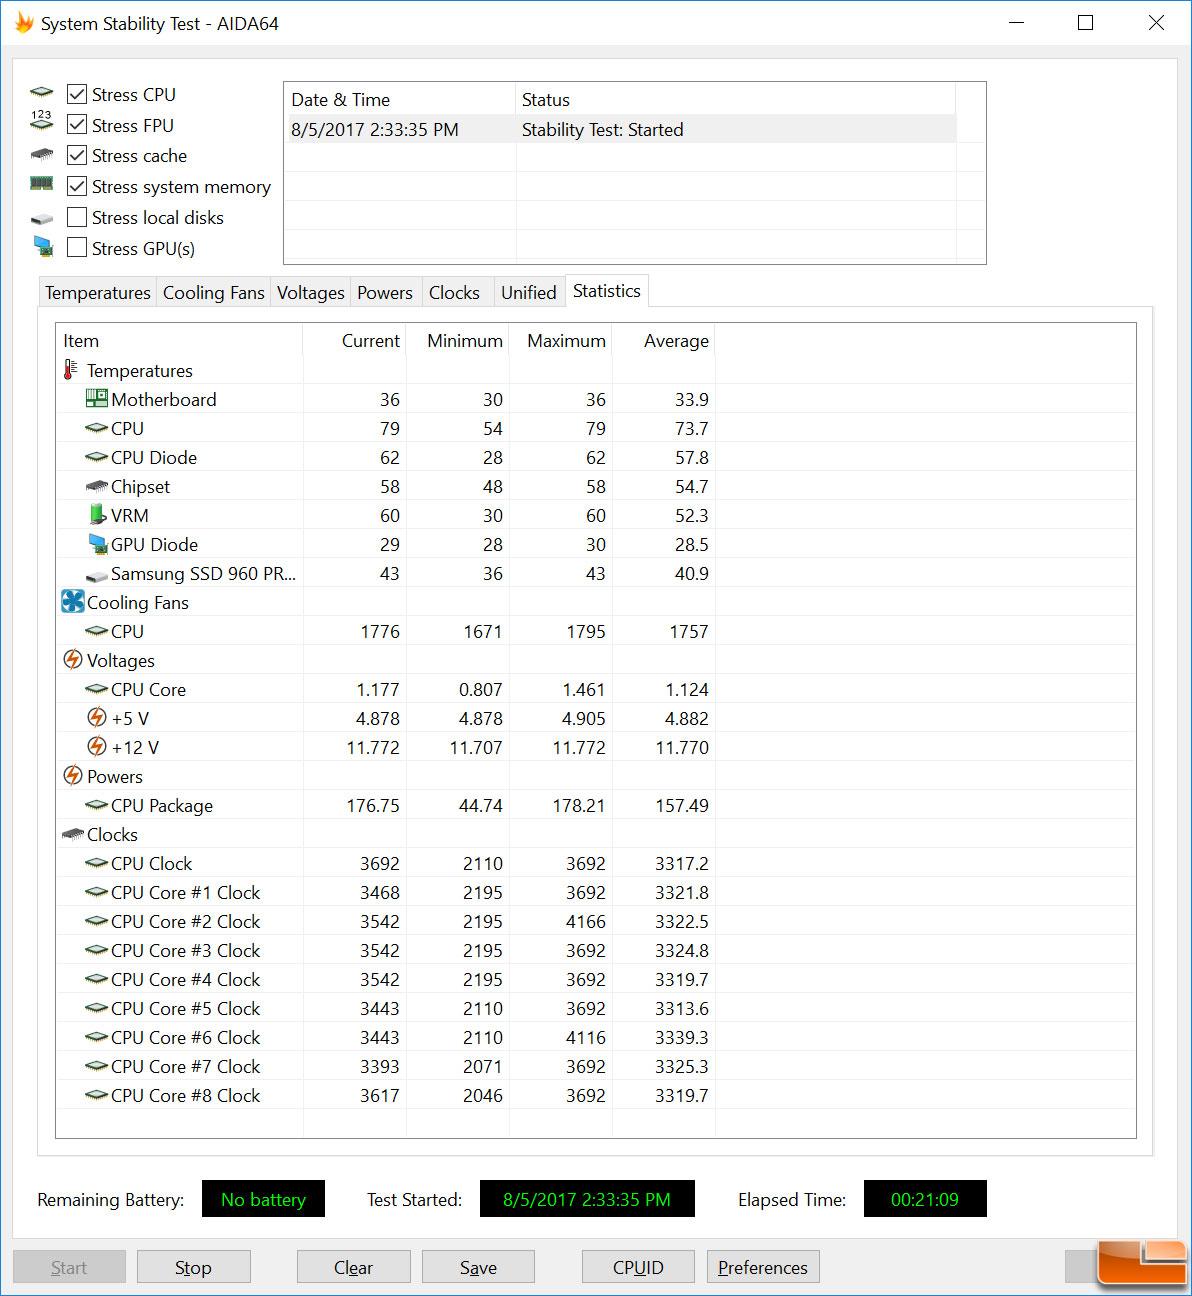 AMD Ryzen Threadripper 1950X and Threadripper 1920X Processor Review